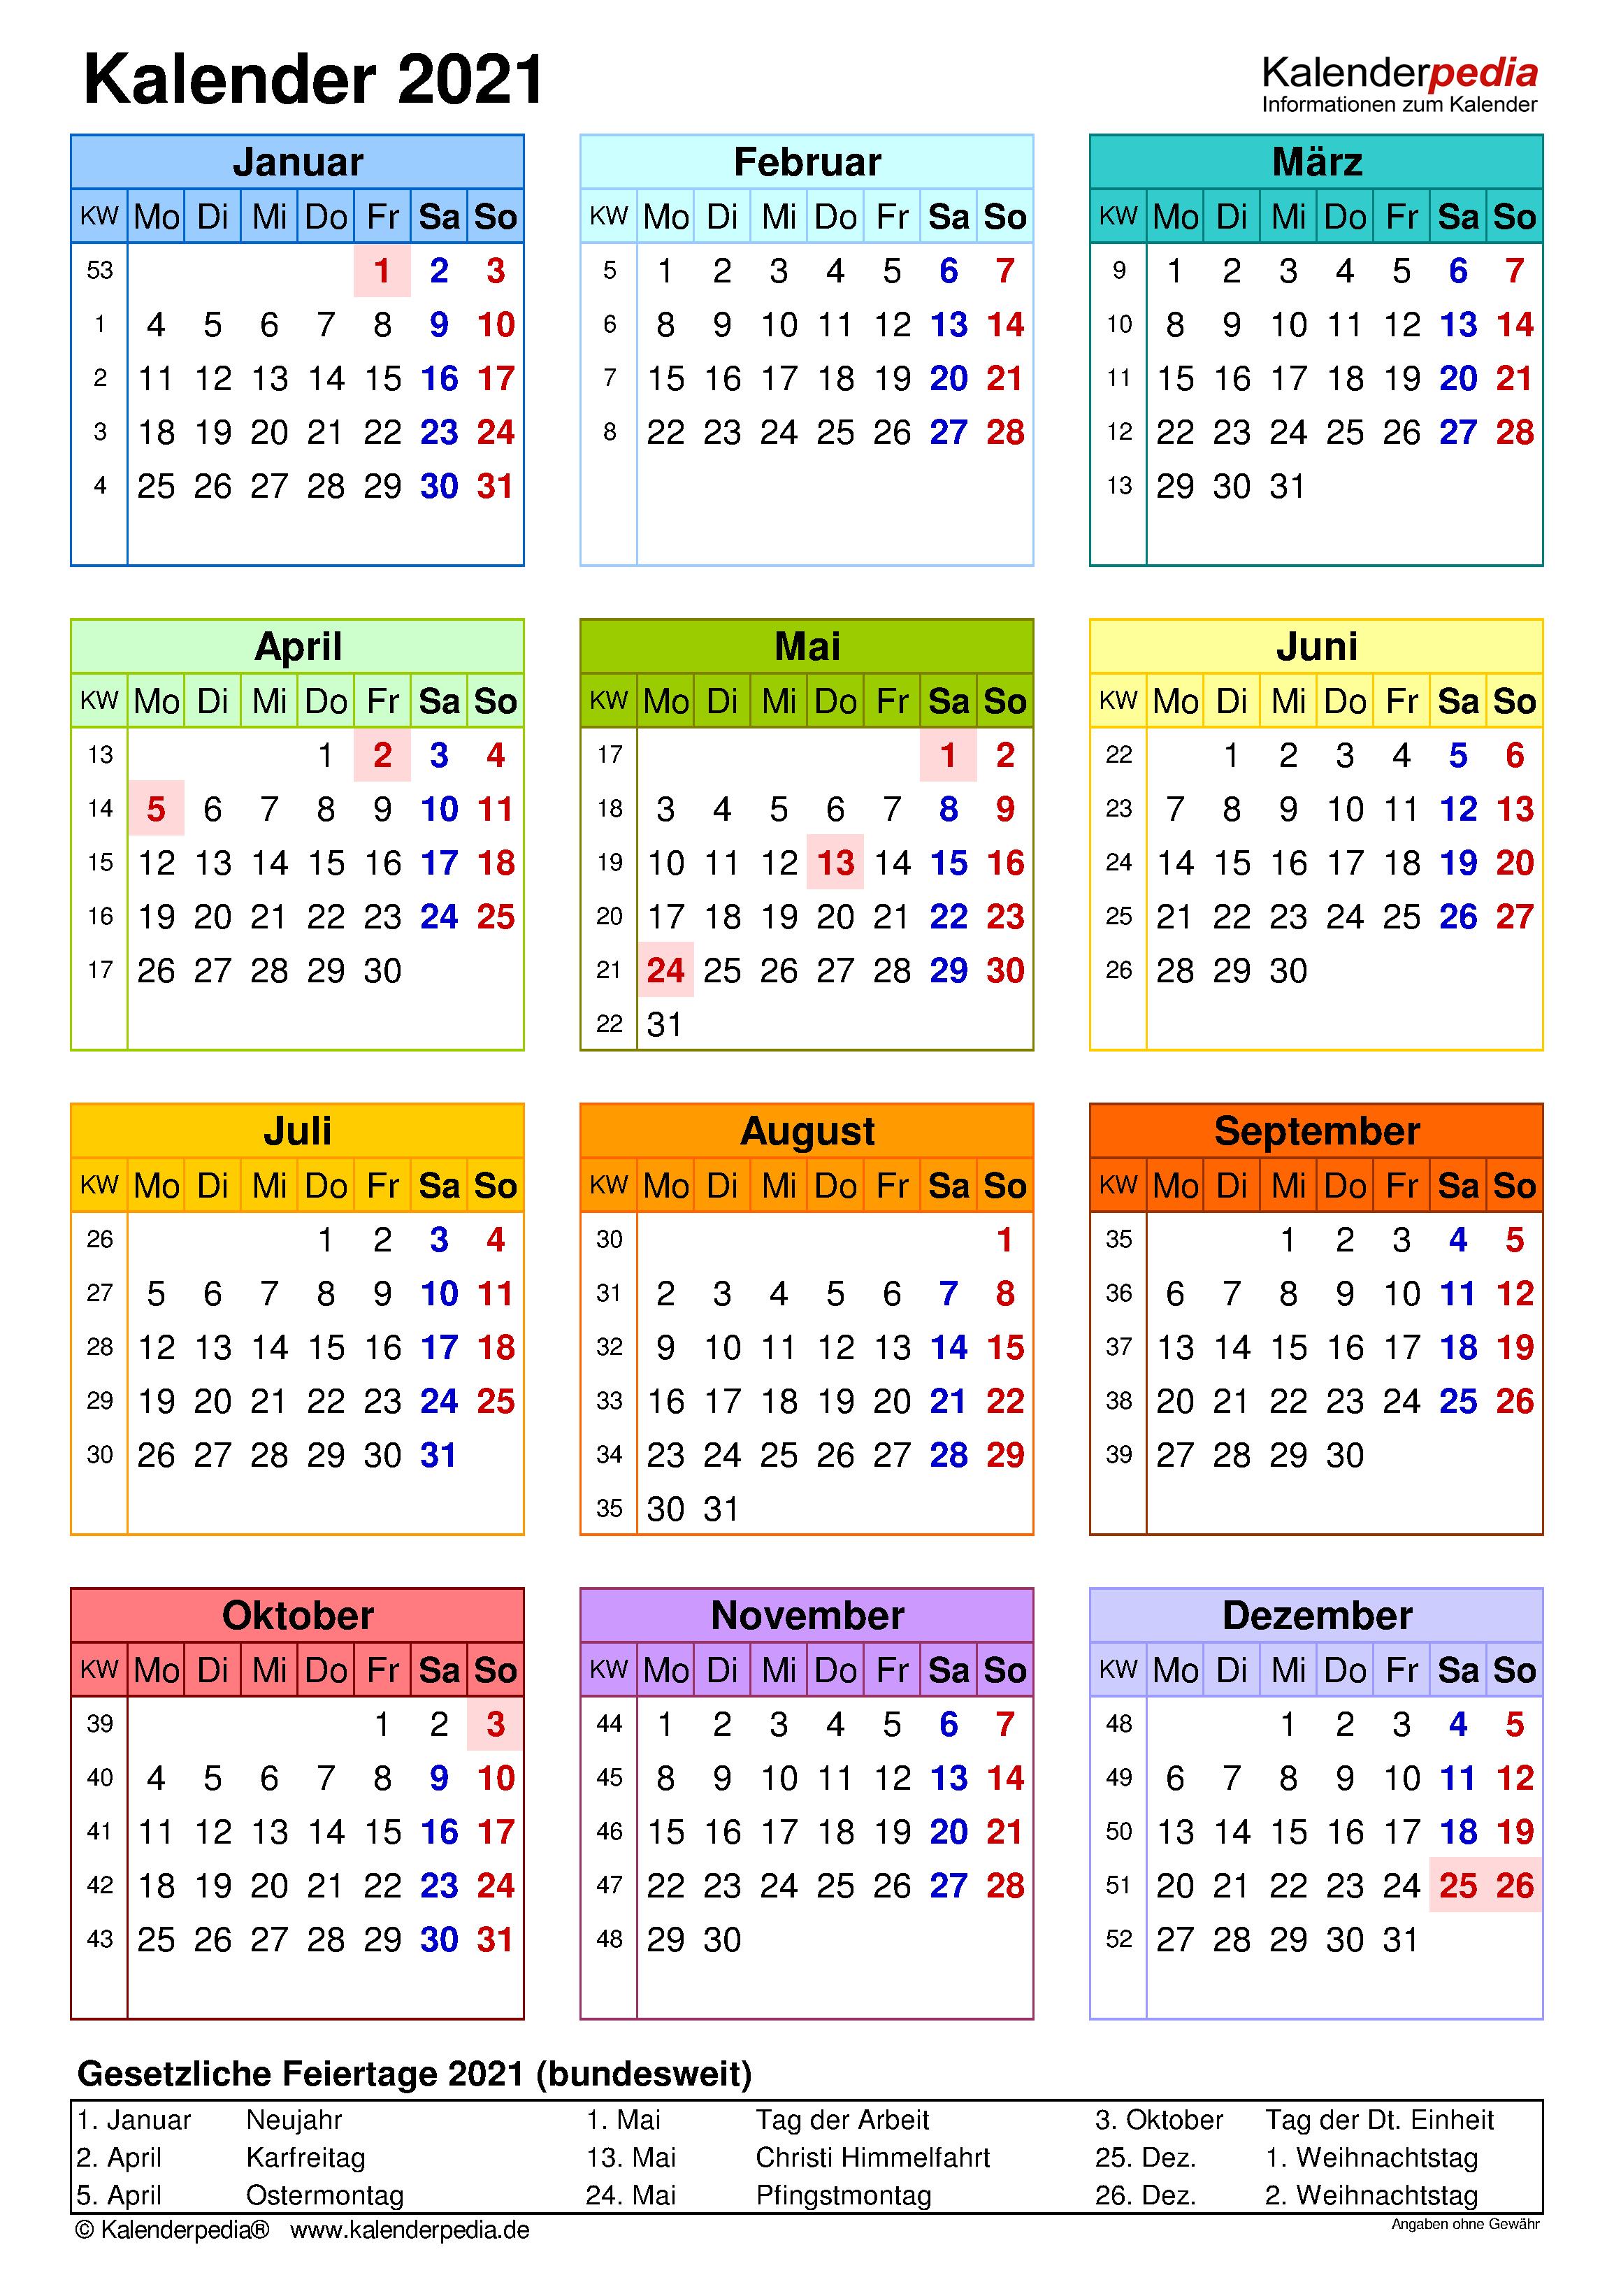 15 Kostenlose Kalender Vorlagen Fur 2021 0